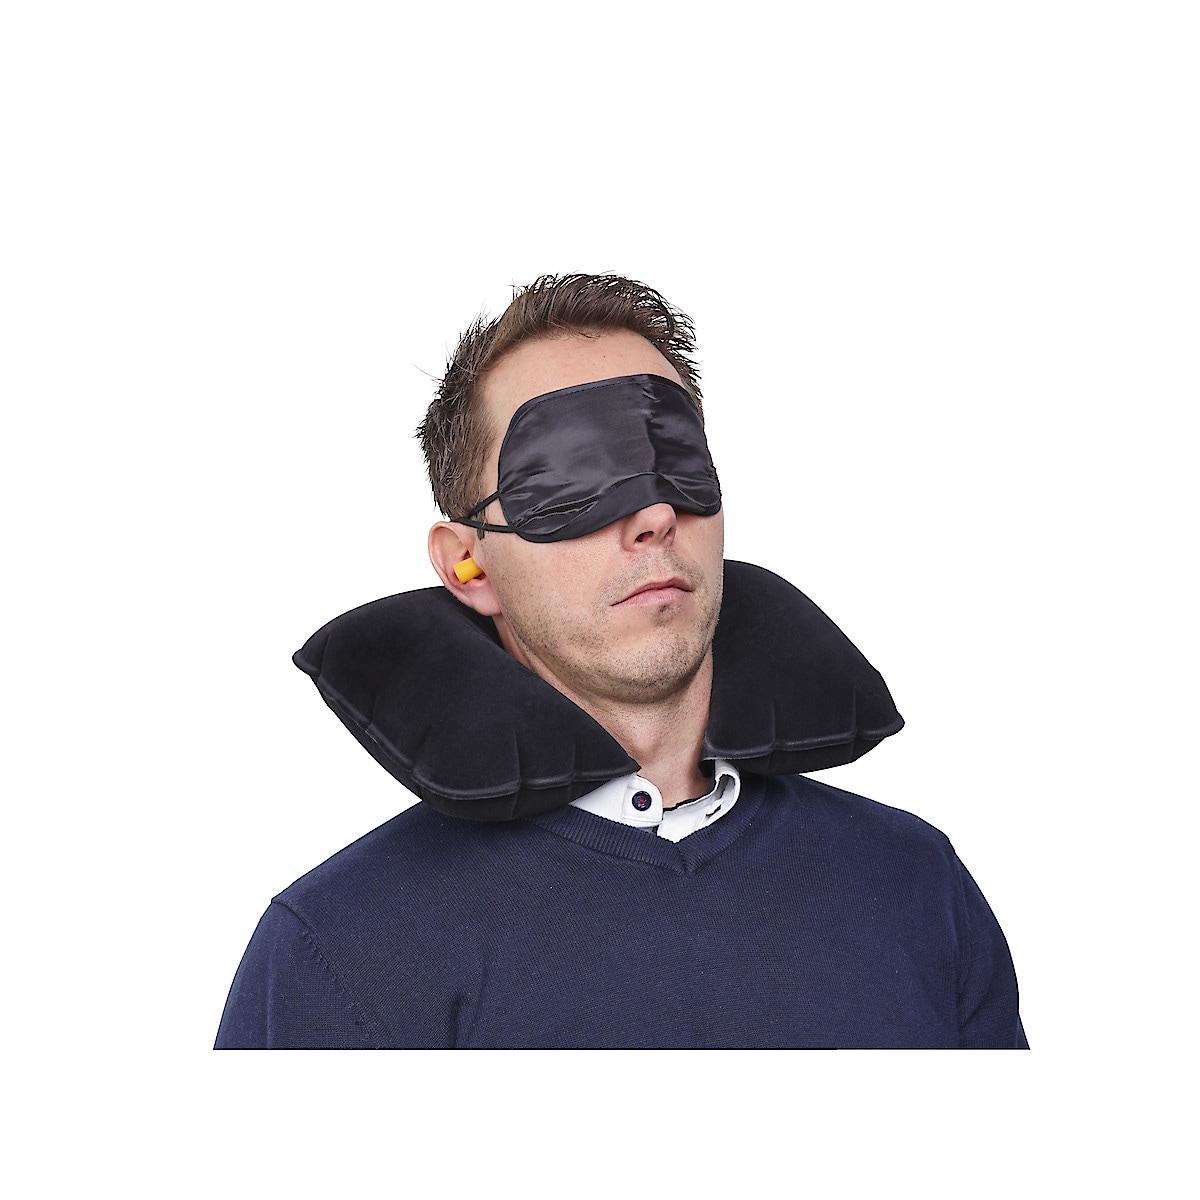 Reisesett med pute, maske og ørepropper